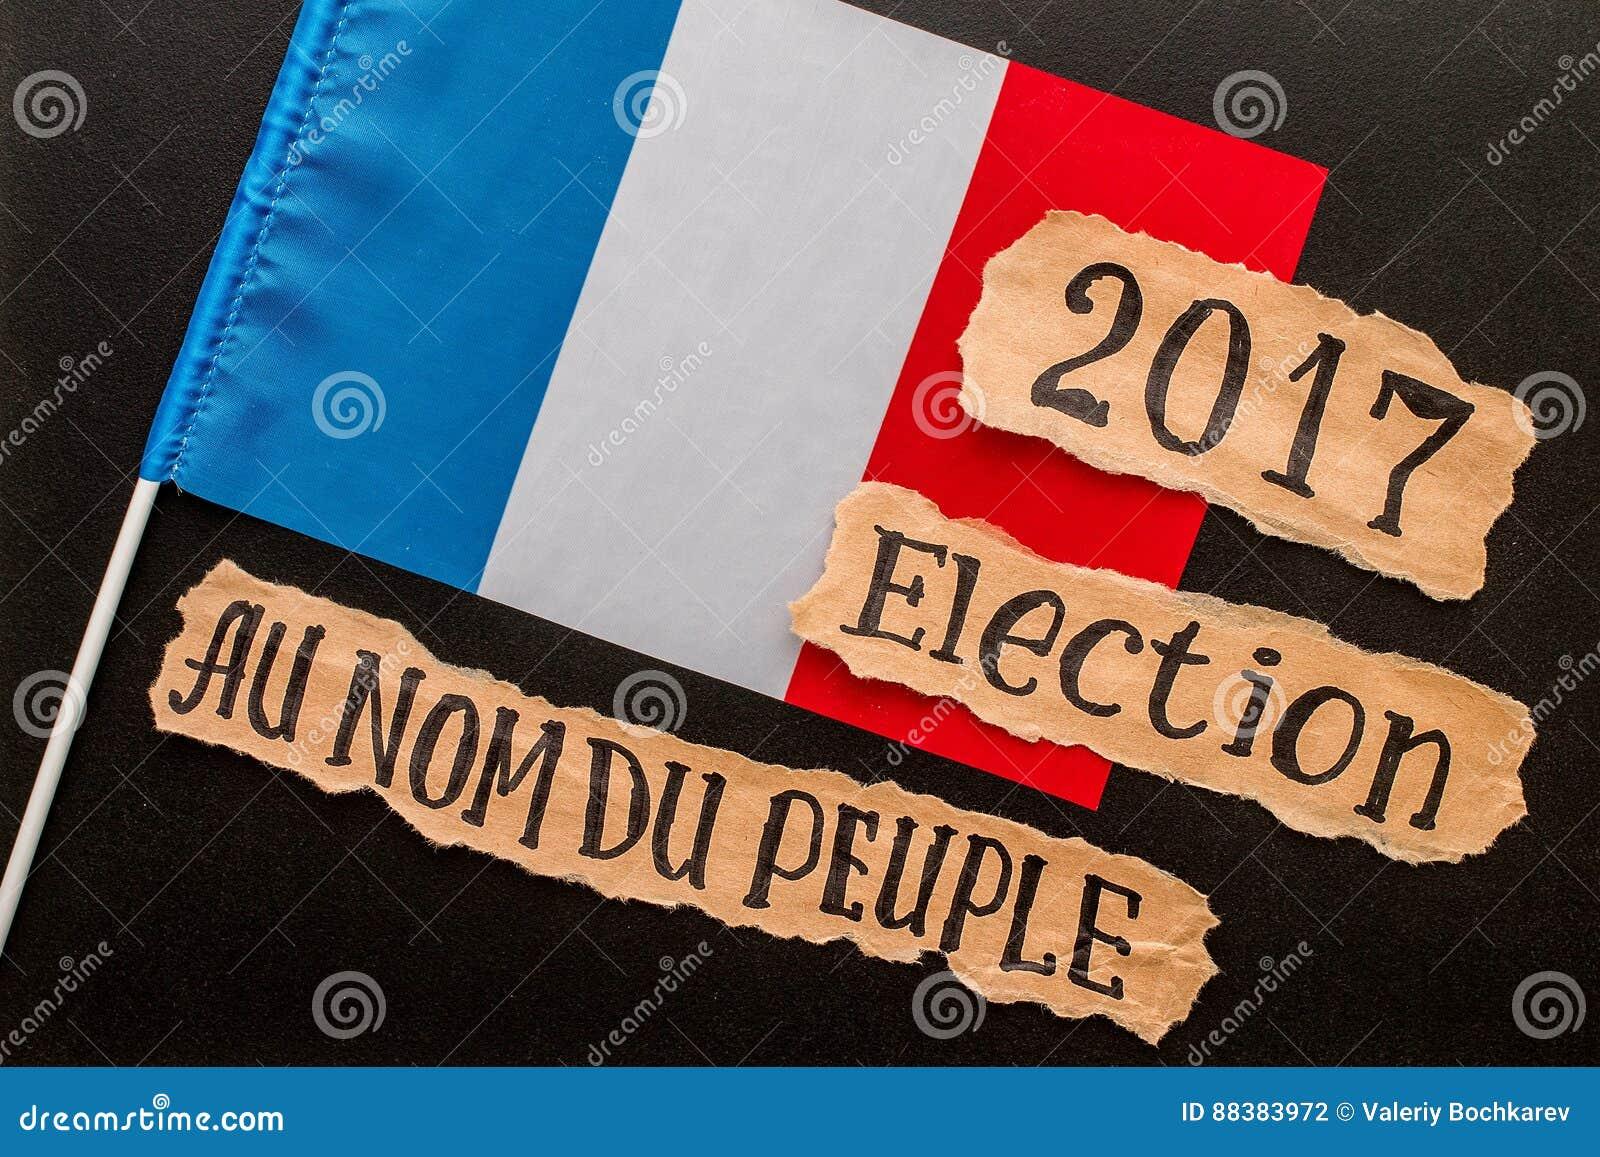 Избрание 2017, надпись на скомканном куске бумаги